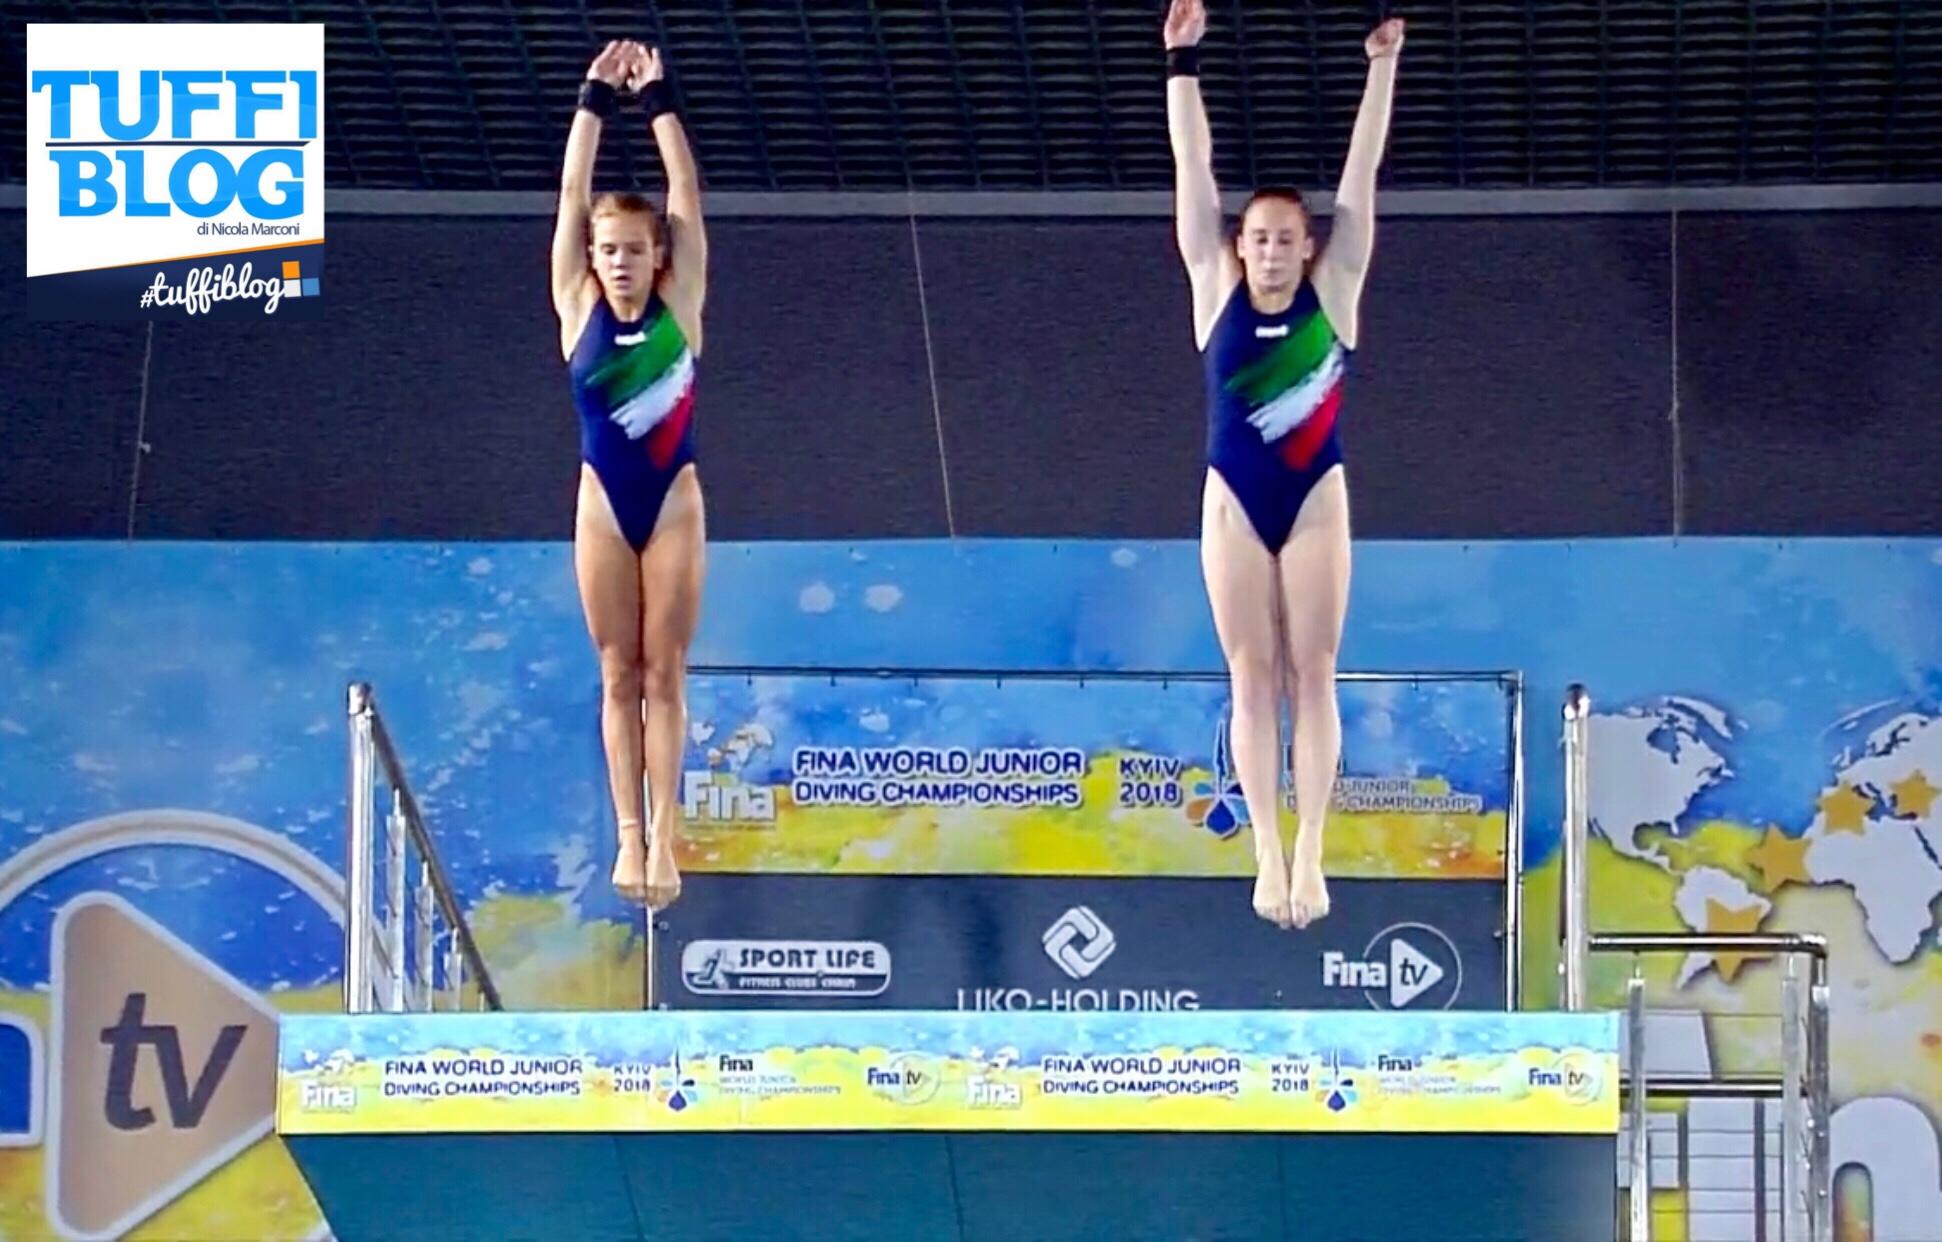 Mondiali Giovanili: Kyiv - sincro piattaforma, Biginelli-Neroni quarte per 5 punti!